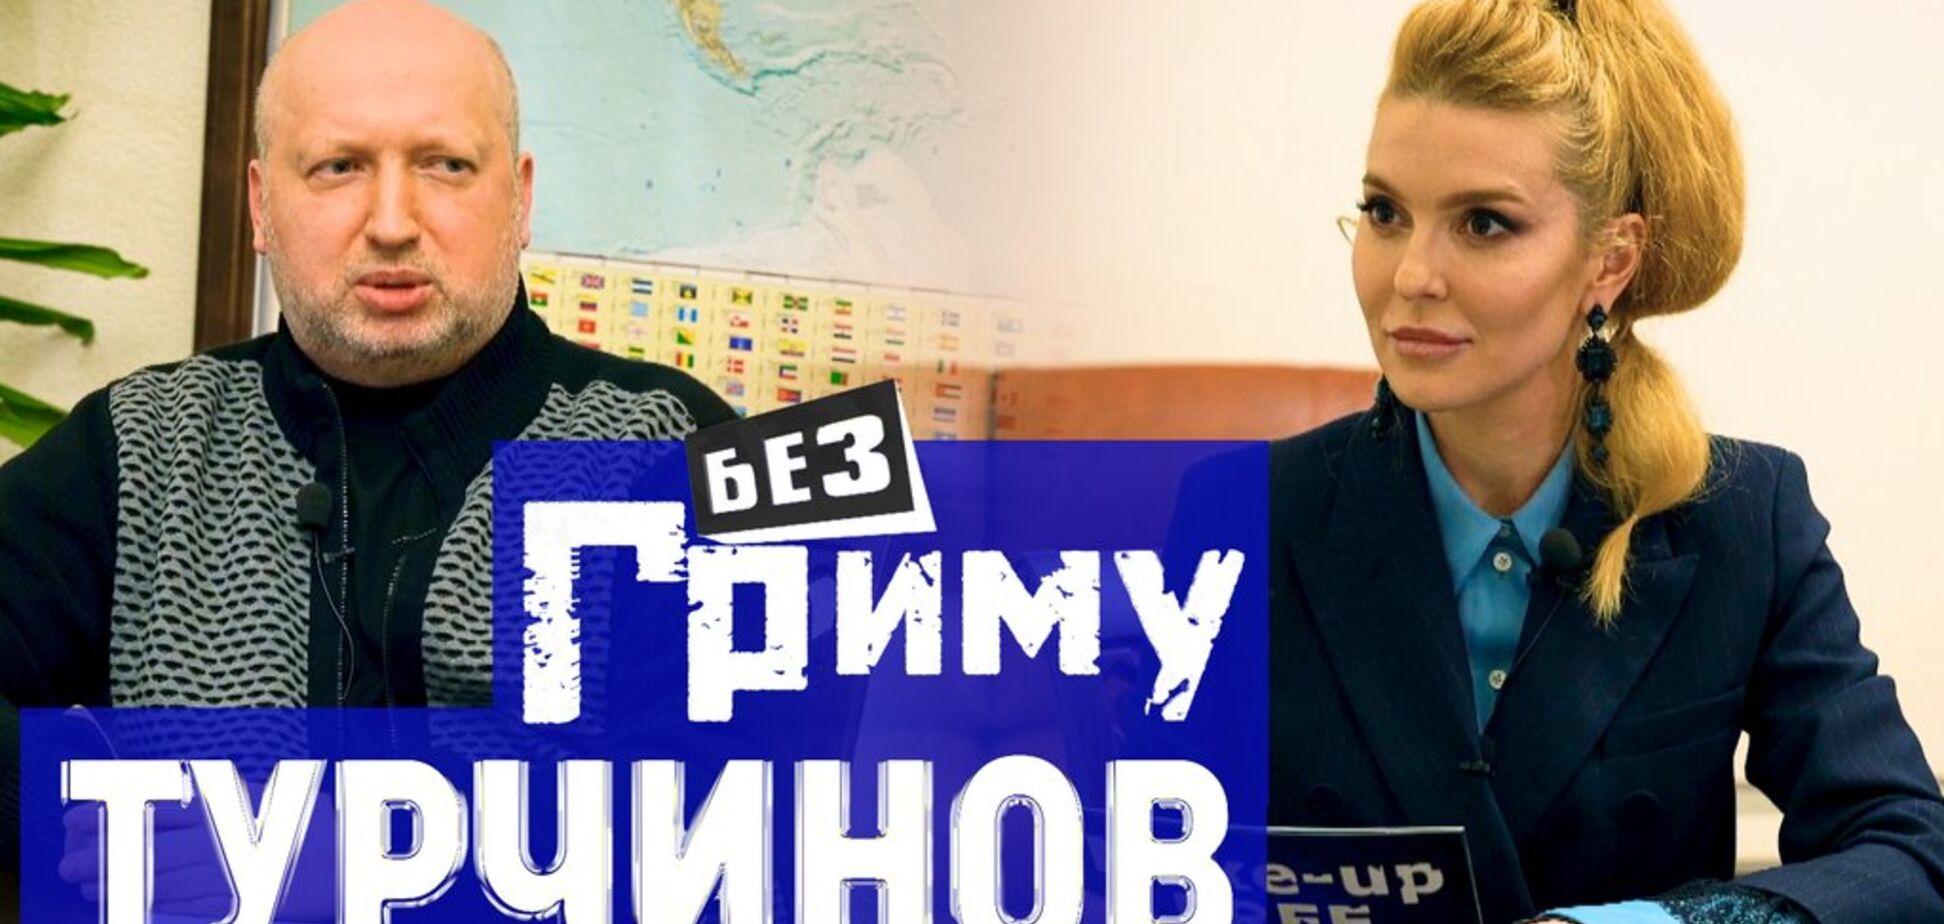 'Президентом должен быть человек, который сможет защитить украинцев и обеспечить нашу победу', - Александр Турчинов в блиц-шоу 'БЕЗ ГРИМА'